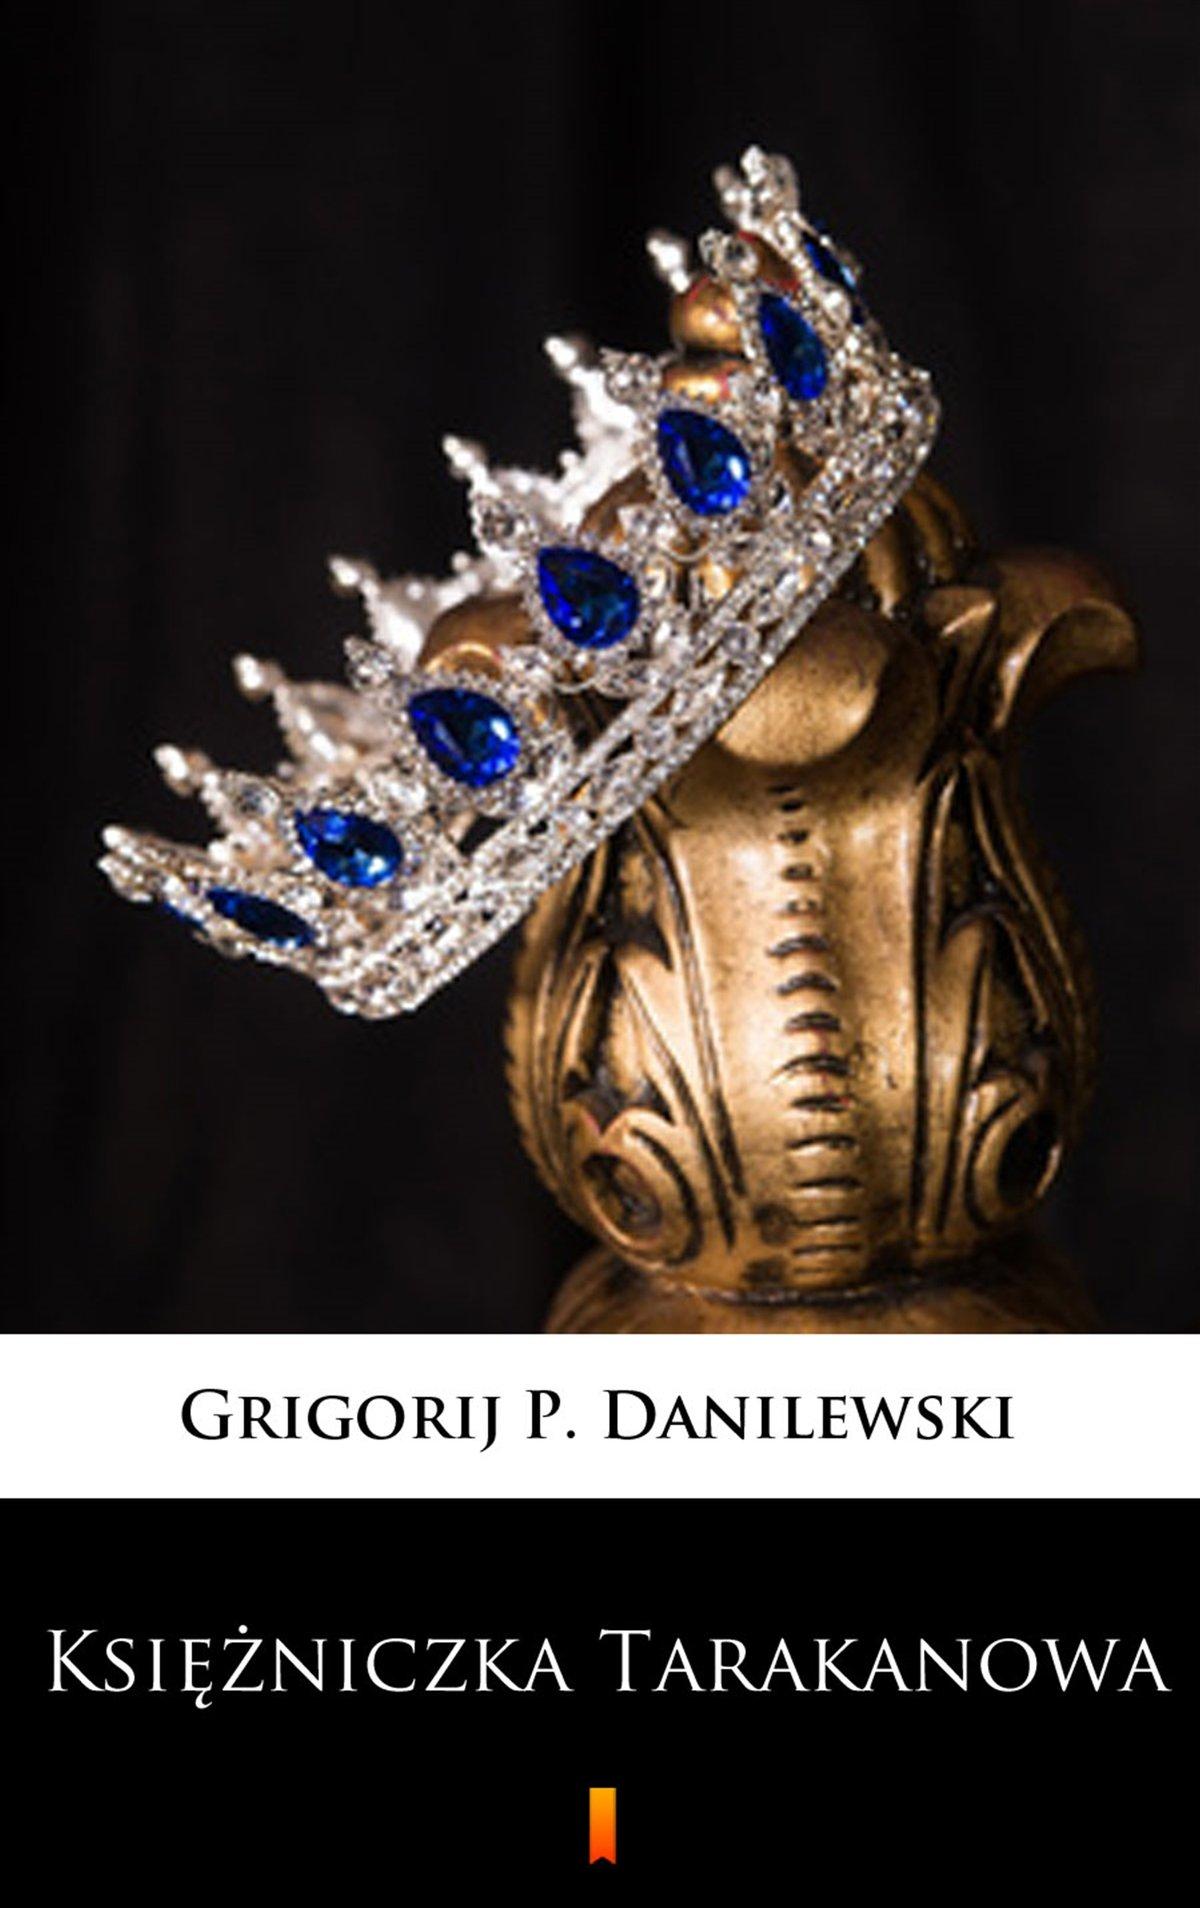 Księżniczka Tarakanowa - Ebook (Książka EPUB) do pobrania w formacie EPUB